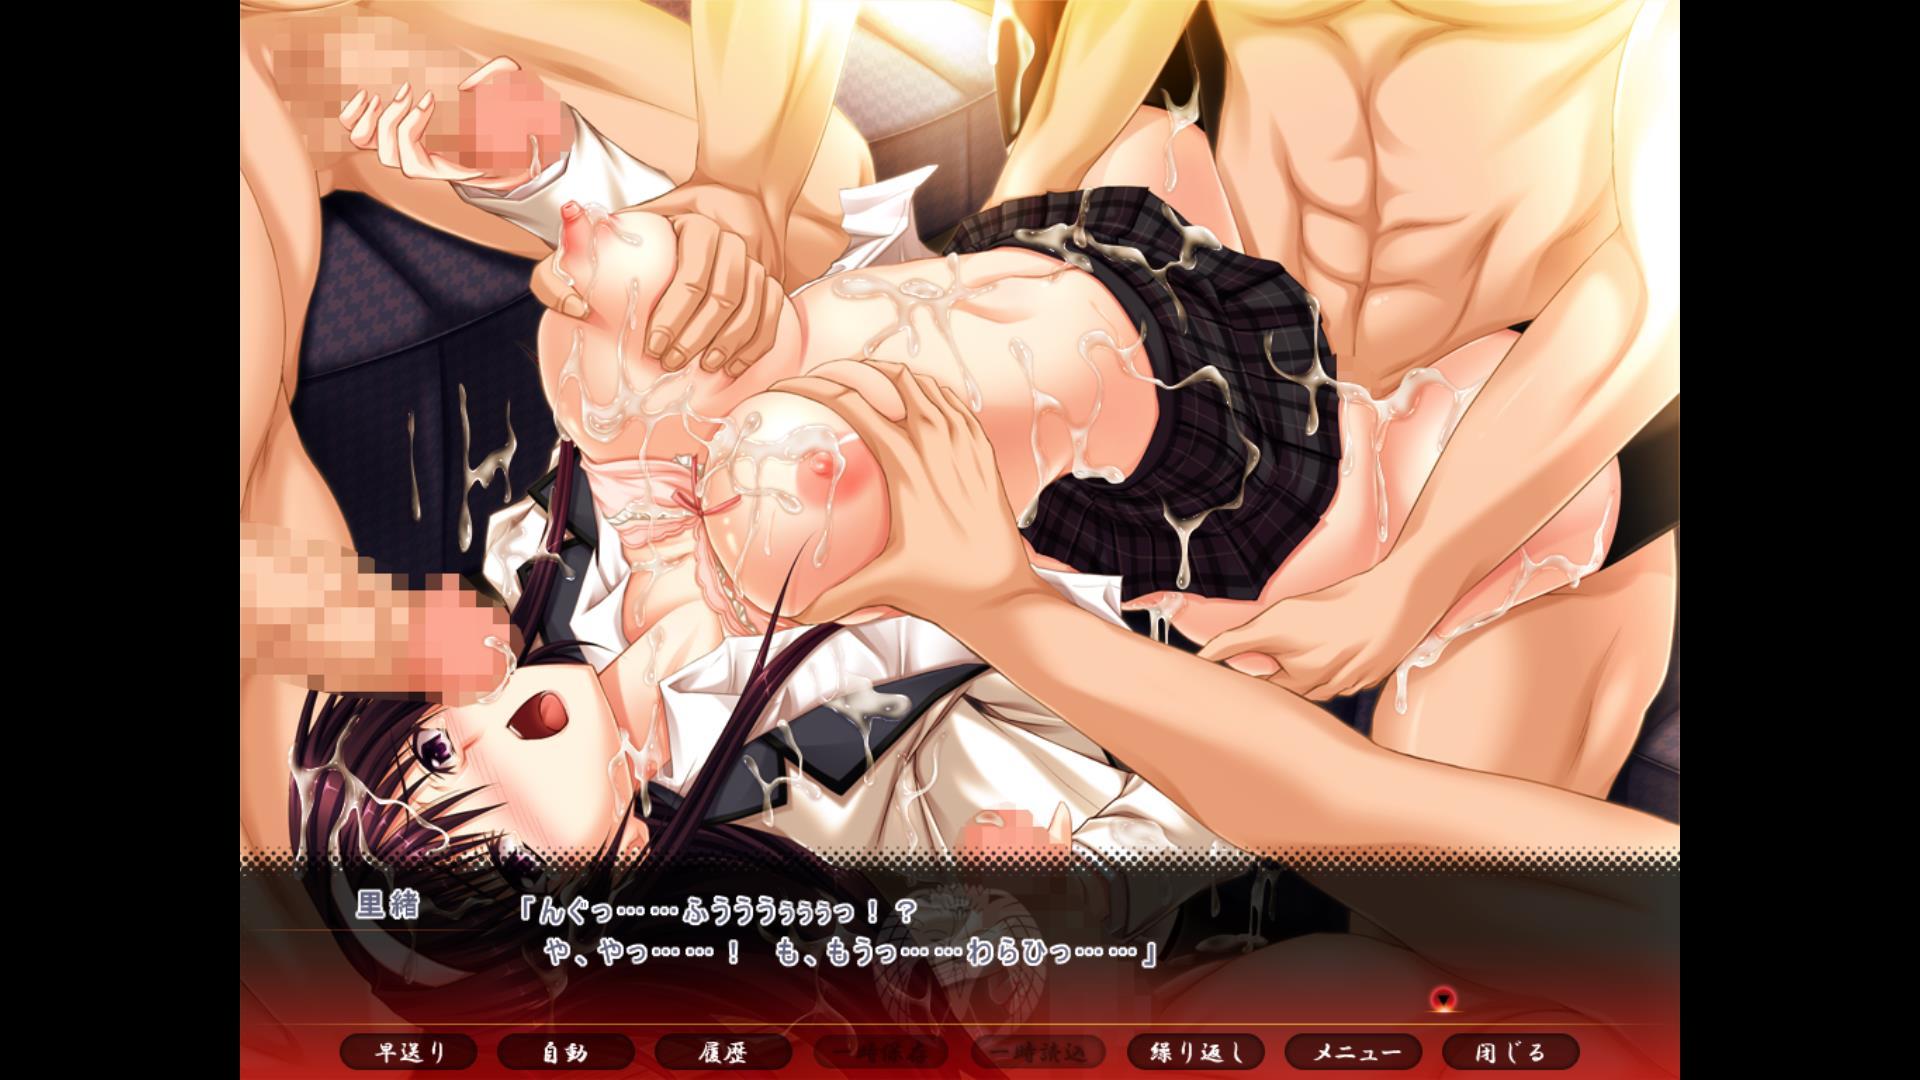 【虜ノ契 ~家族のために体を差し出す姉と妹~】里緒がエロい!のトップ画像